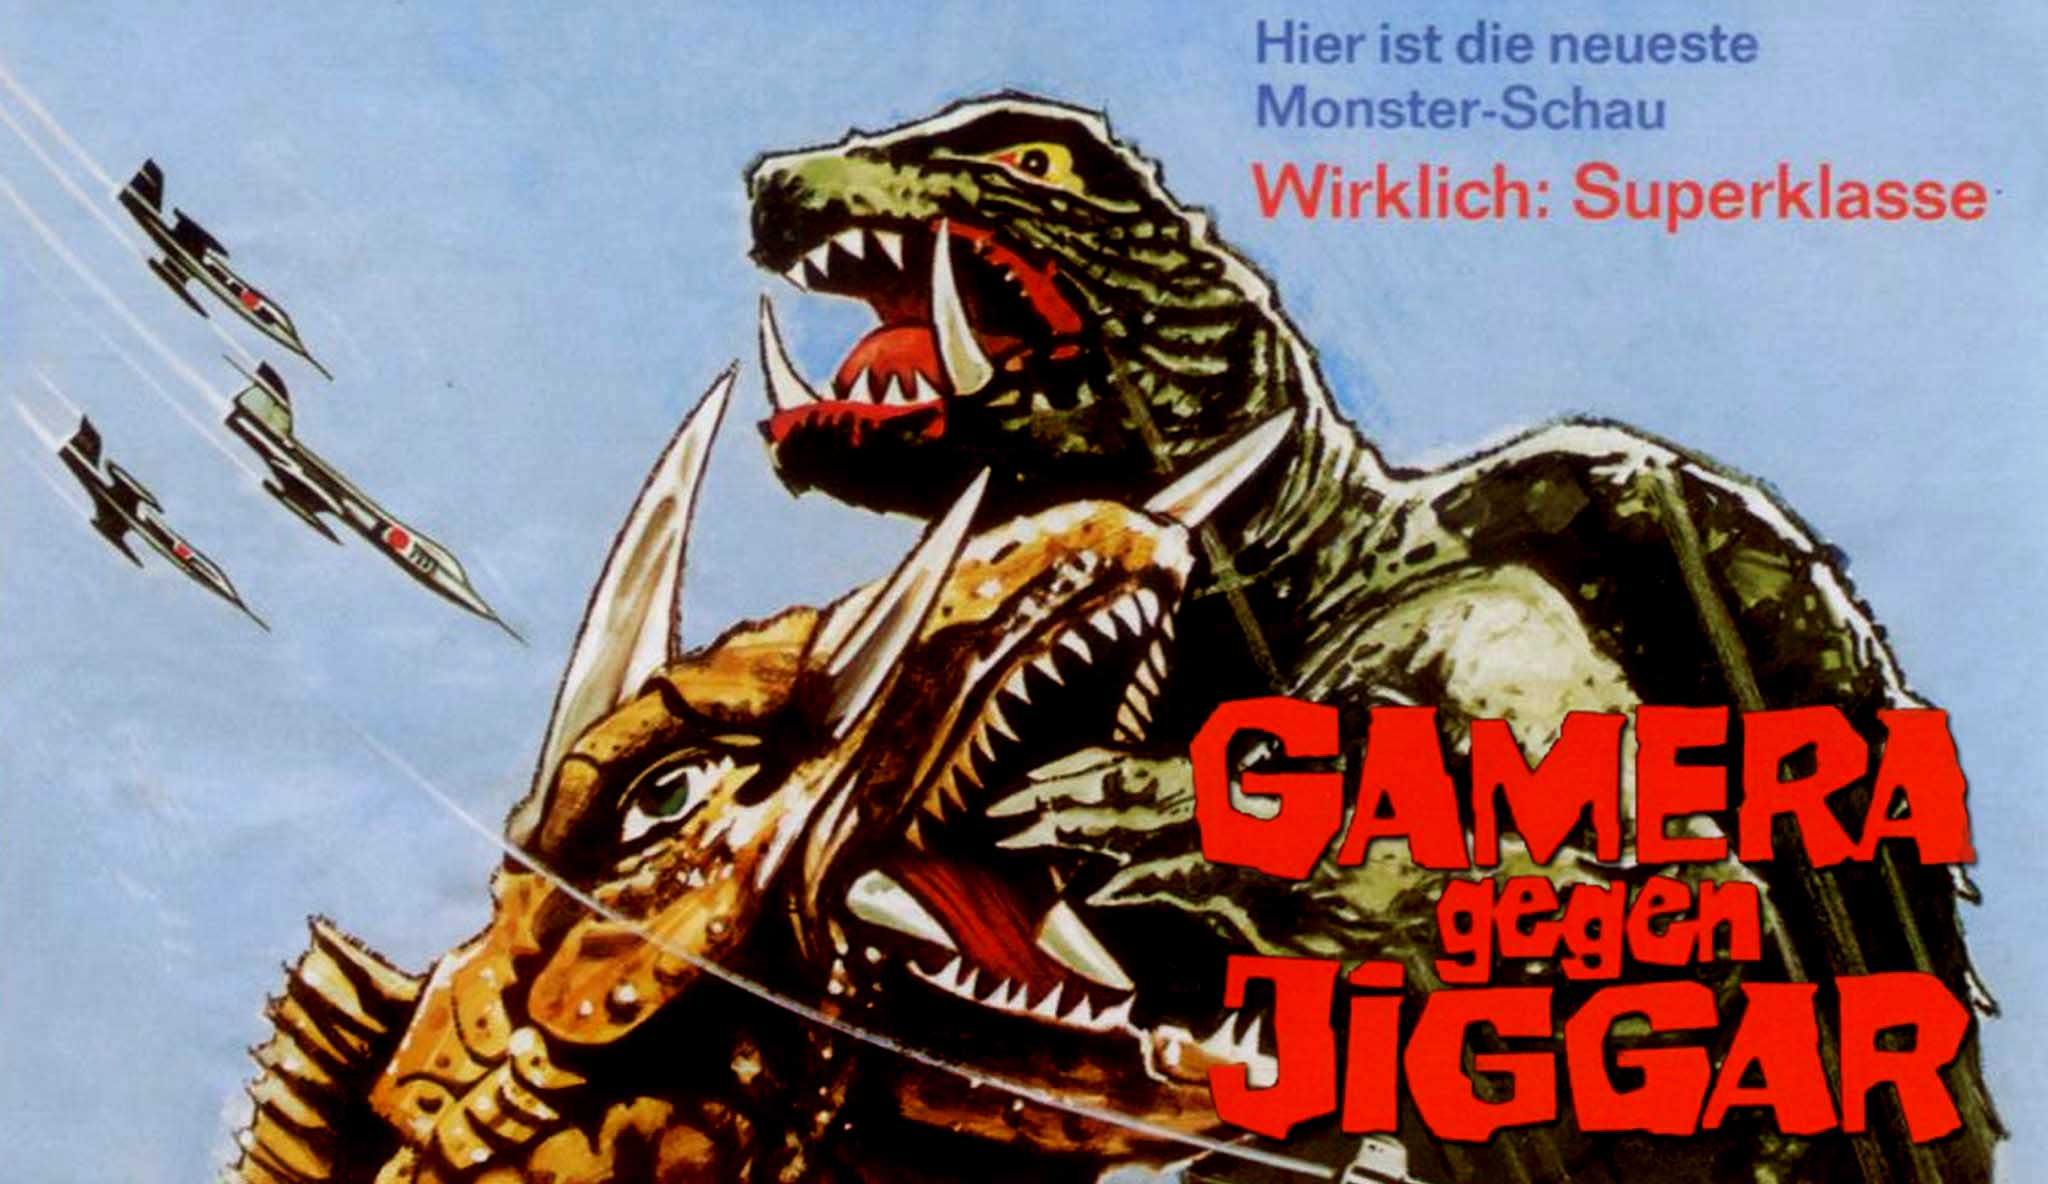 gamera-gegen-jiggar-frankensteins-damon-bedroht-die-welt\header.jpg